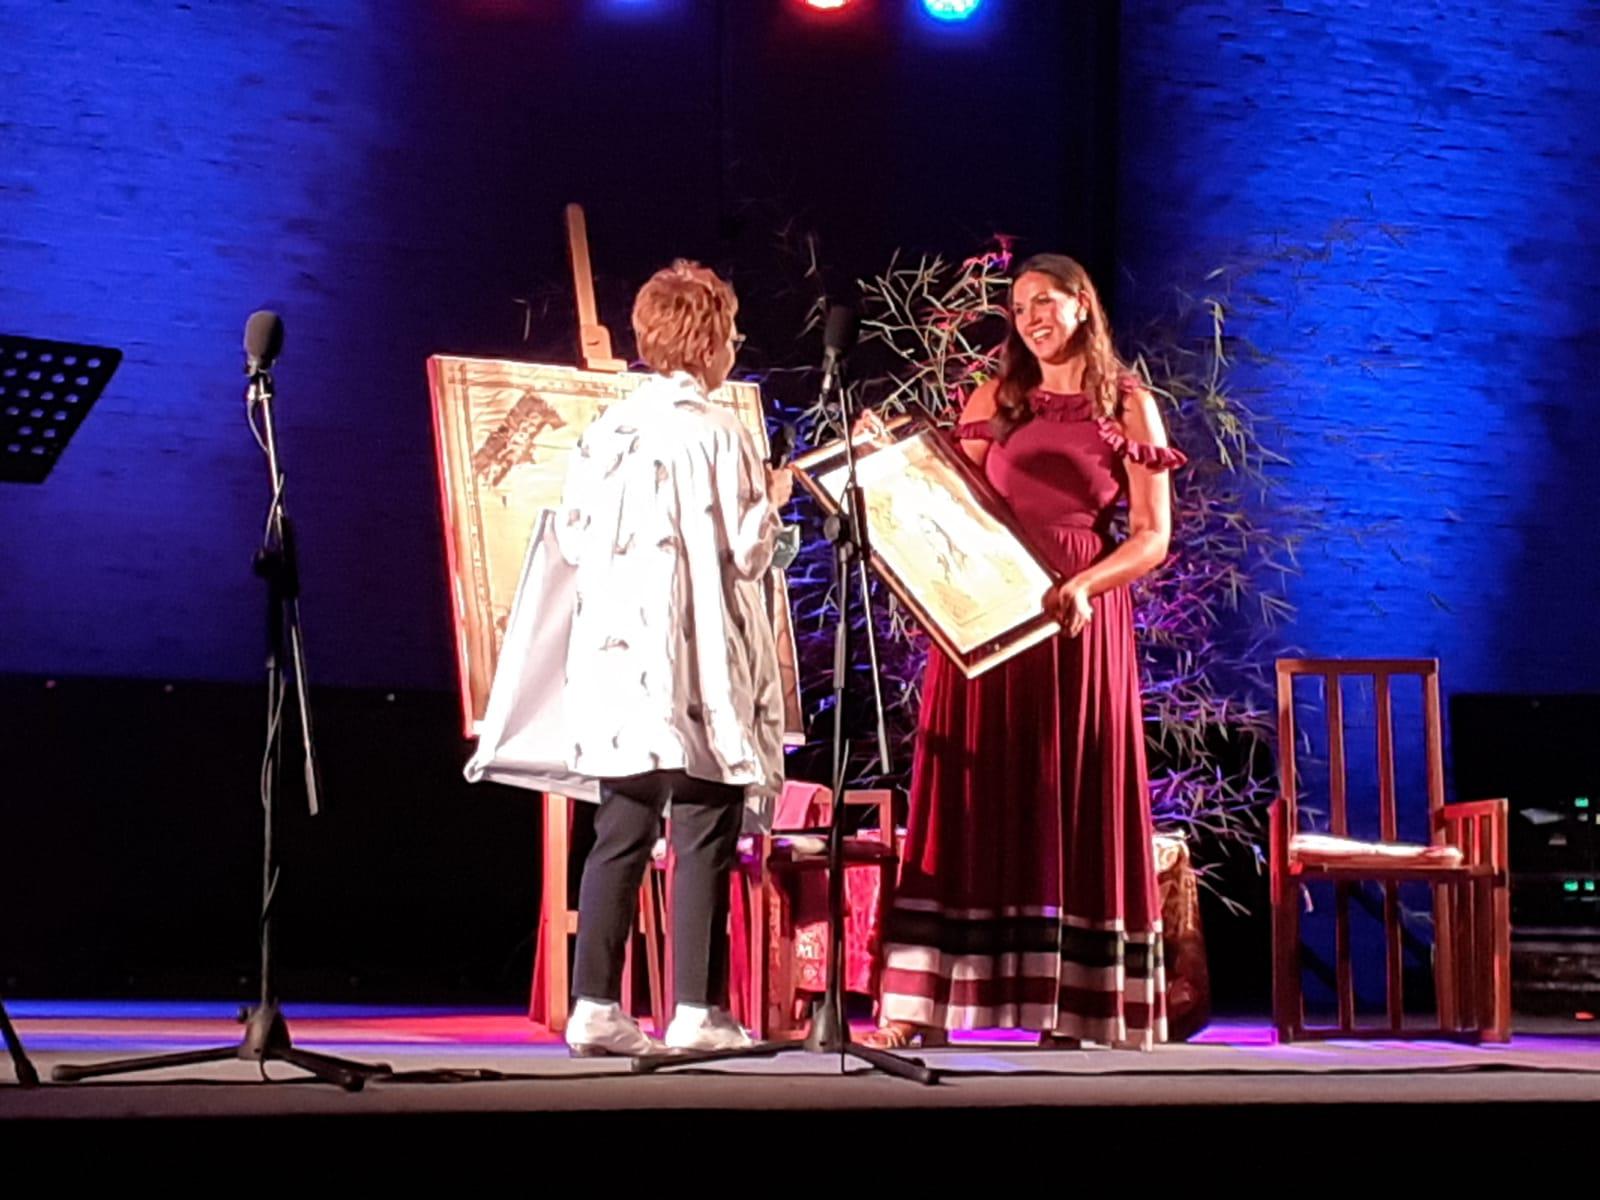 Angela Suozzo dona acquerello a soprano Federic Lombardi